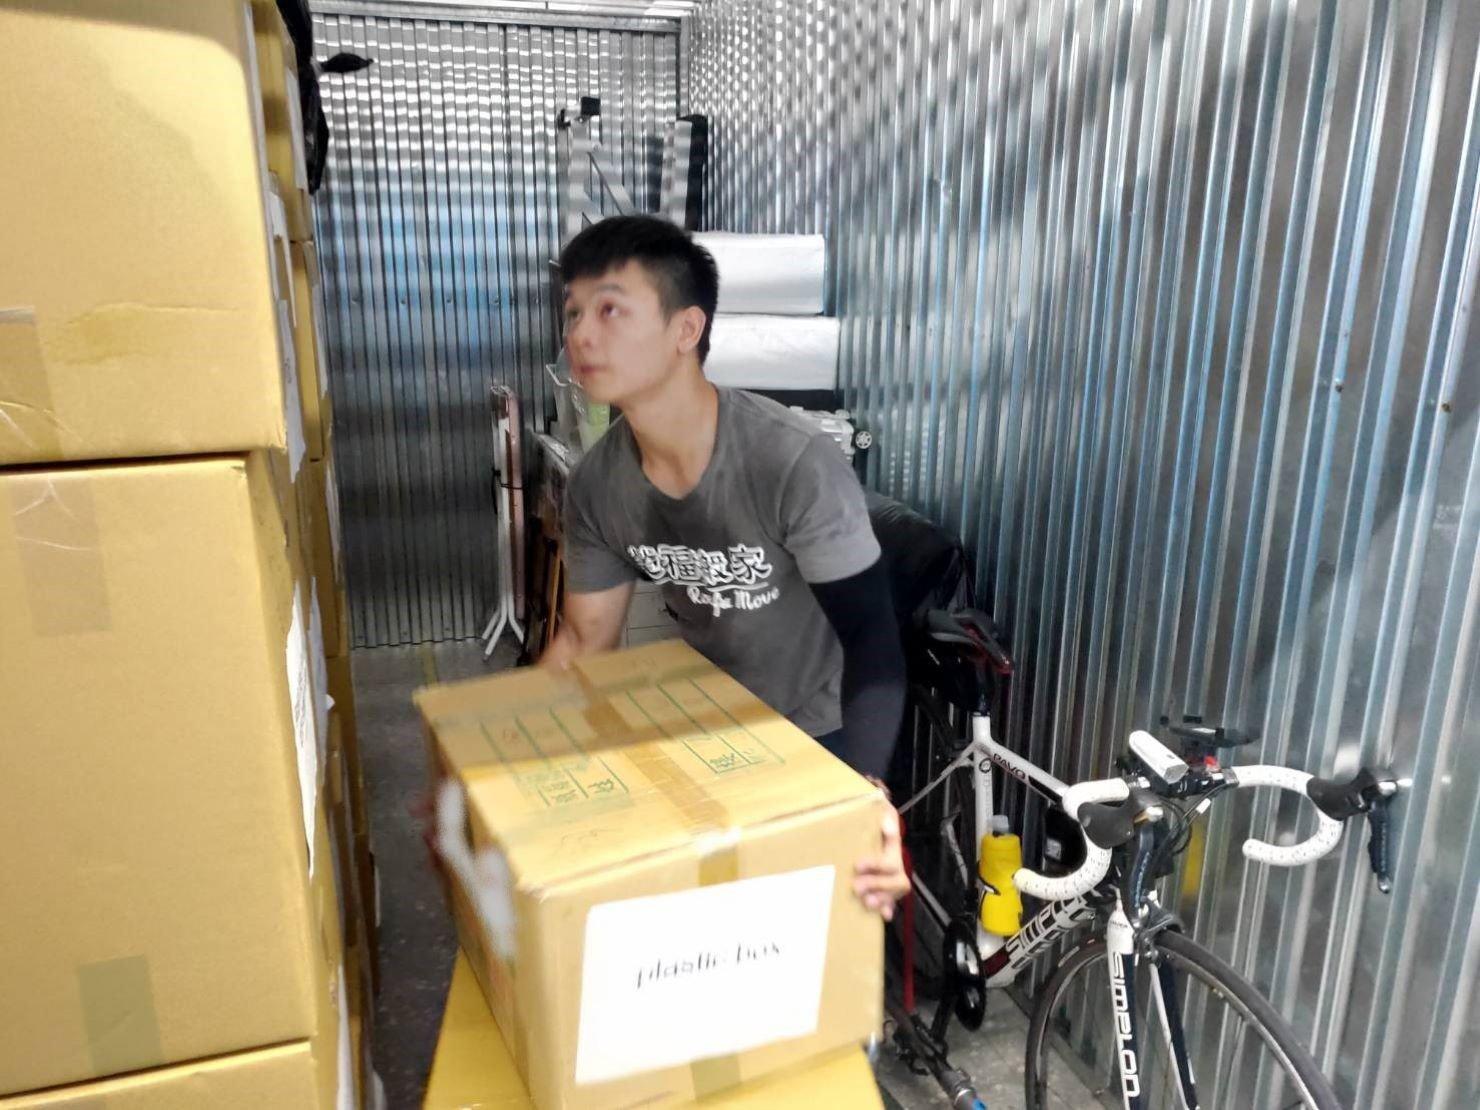 台北搬家公司推薦【榮福搬家公司】搬家值得您來選擇:師傅們按客戶需求將箱子依序堆疊擺放整齊。